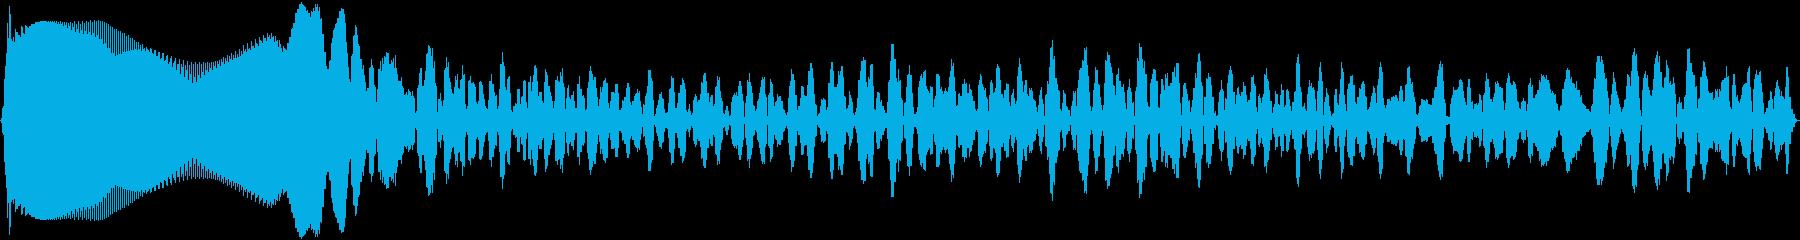 シンセシスディストーション:低周波...の再生済みの波形